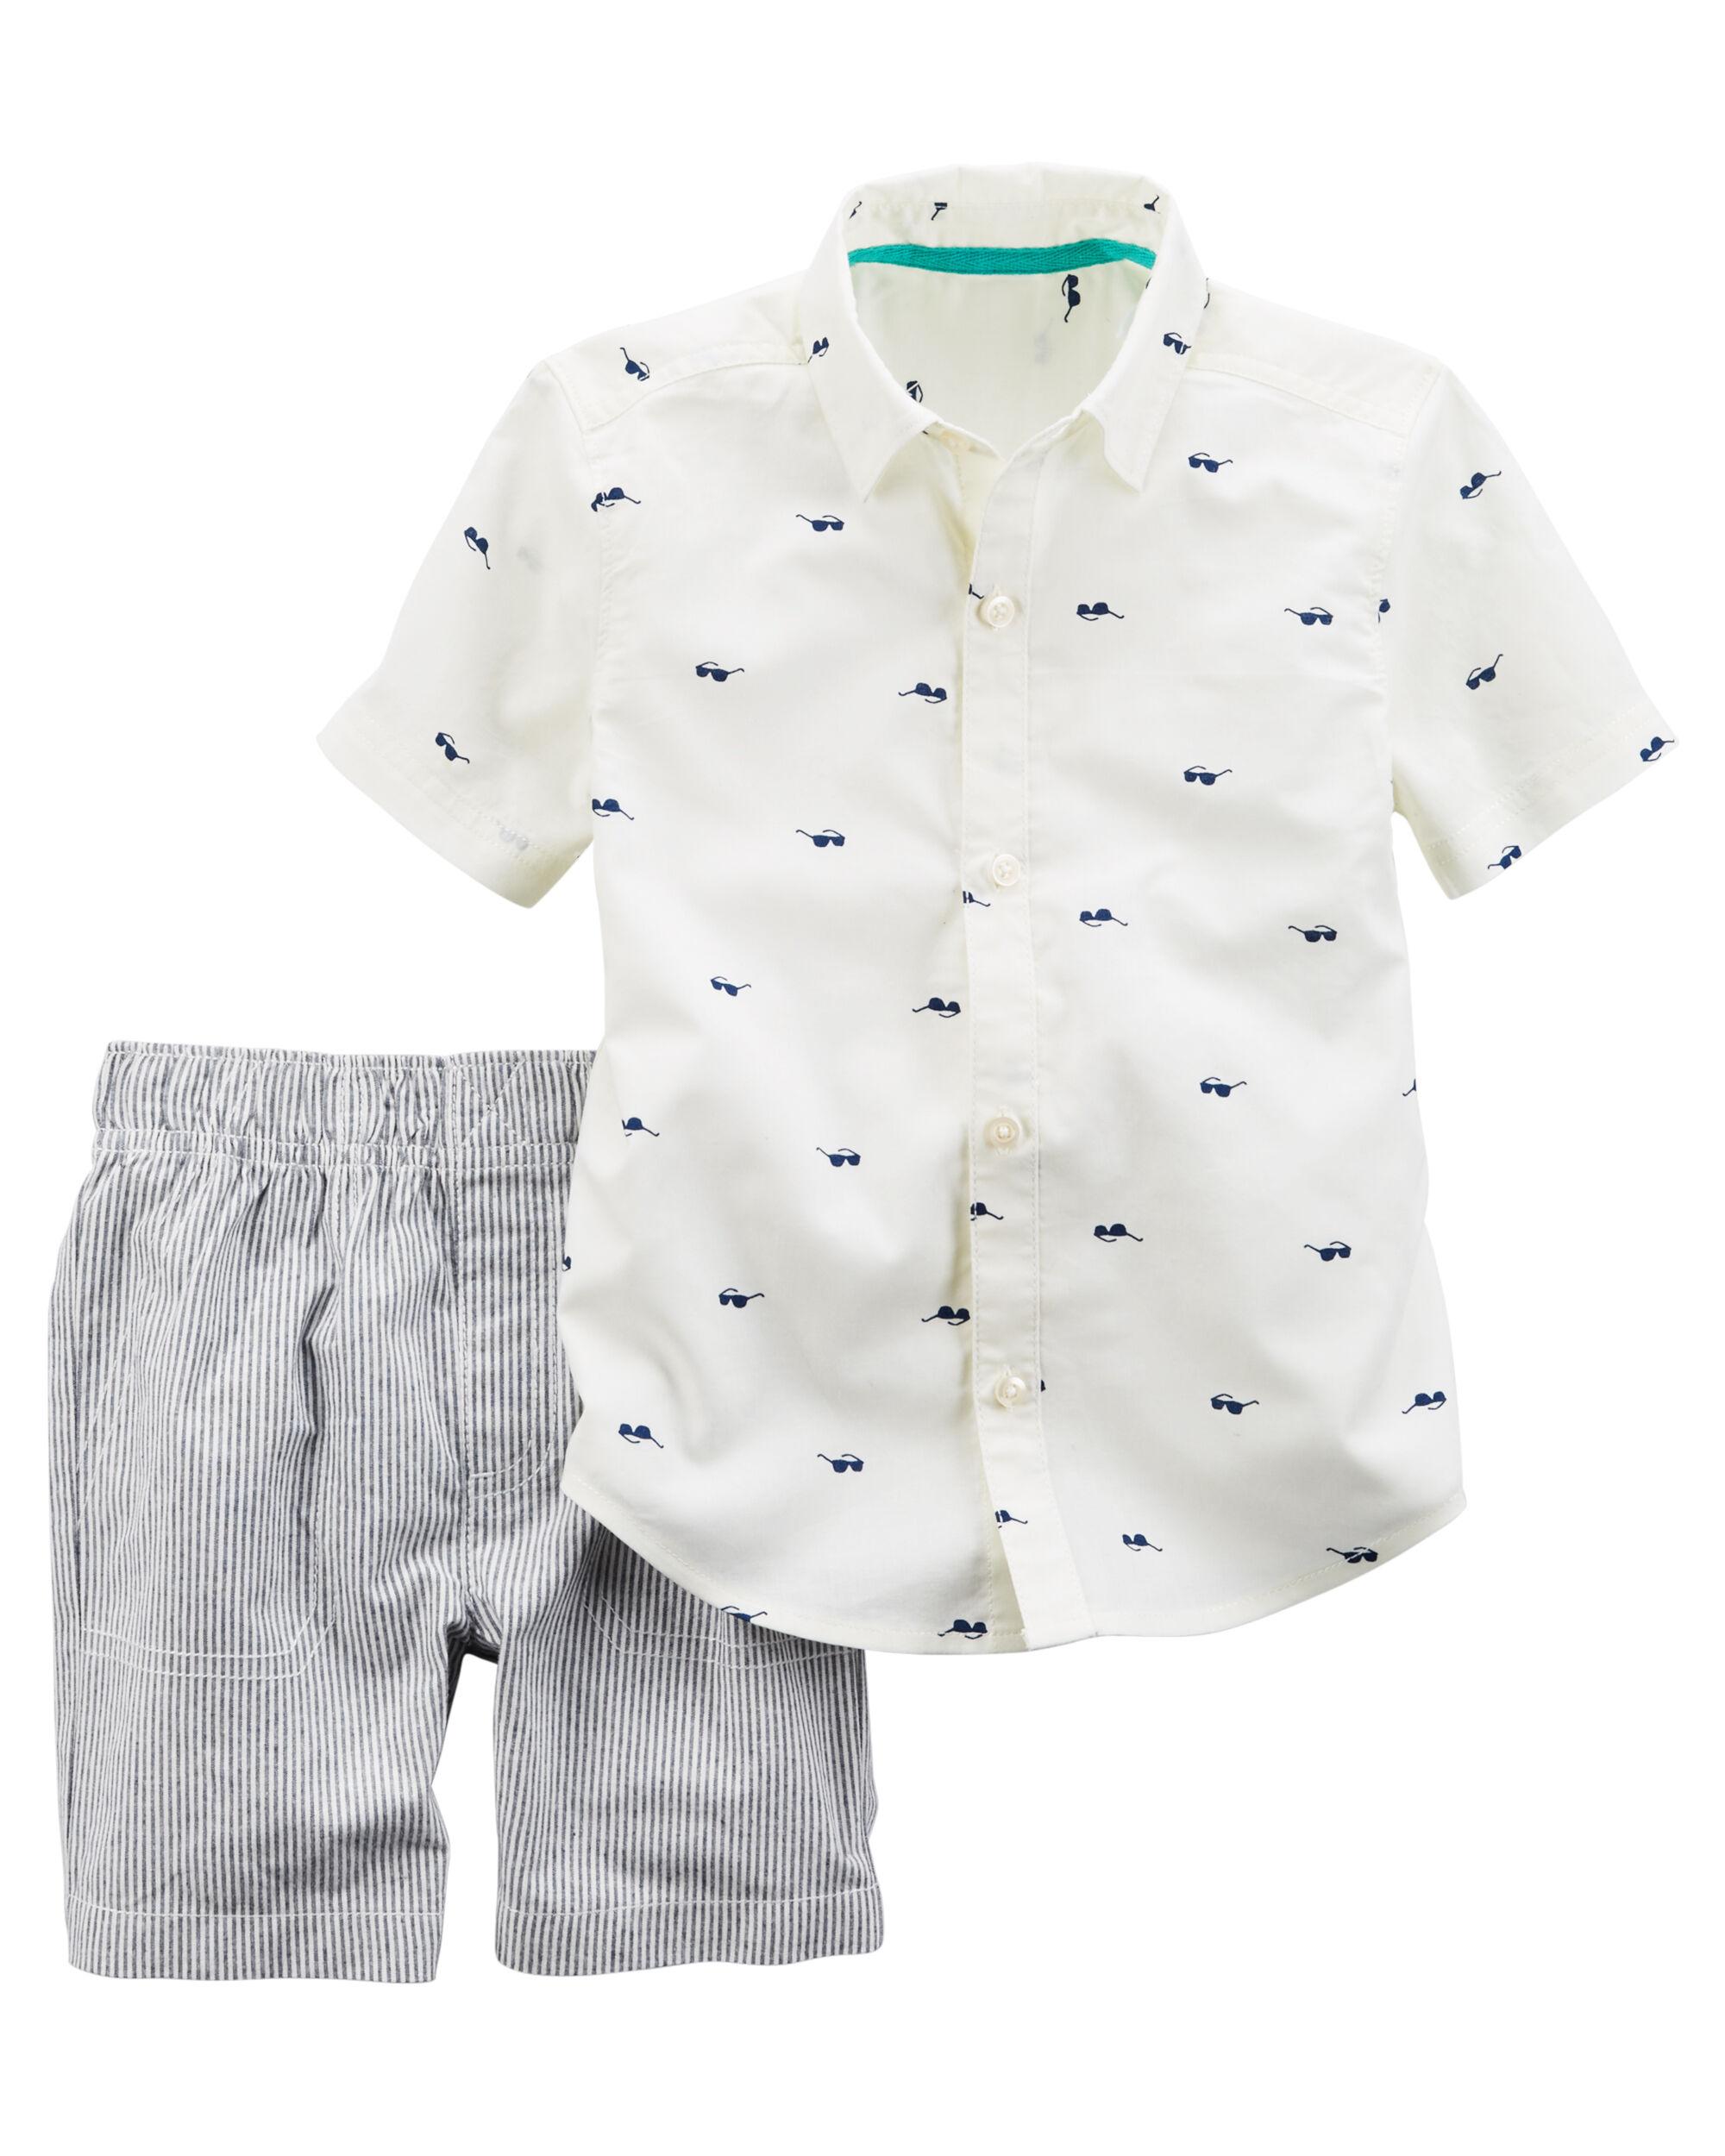 2 Piece Sunglasses Button Front & Striped Short Set